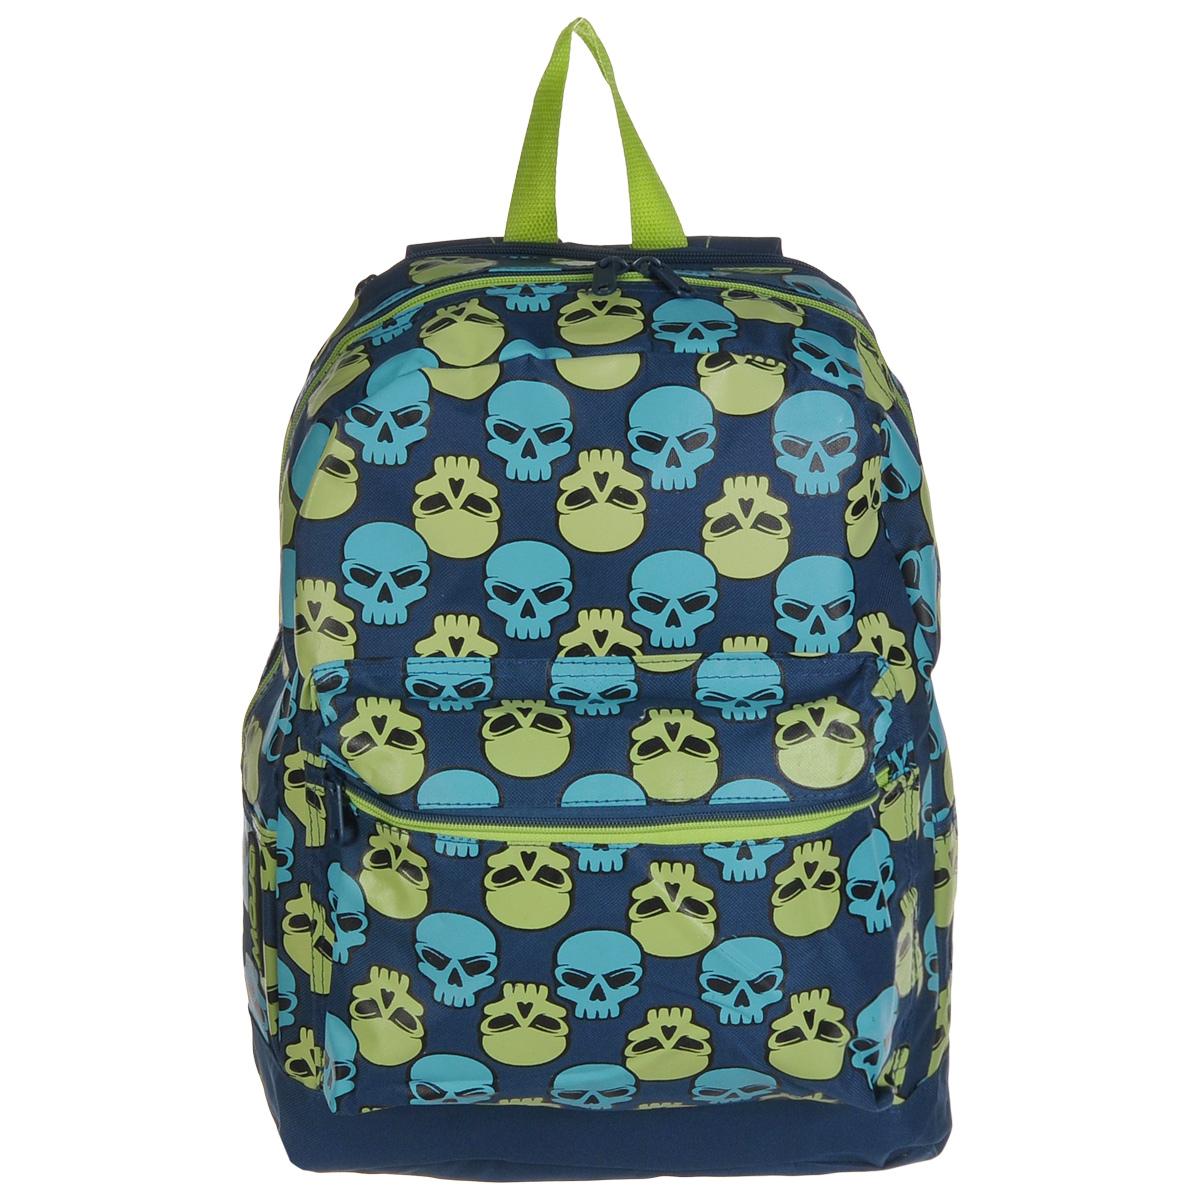 Рюкзак городской Mojo Pax Brite Skull Checker, 17 лKU9882838Городской рюкзак Mojo Pax Brite Skull Checker подходит для тех, кто привык шокировать и выделяться из толпы. Идеальный вариант для школьников и студентов.Рюкзак выполнен из плотного полиэстера с оригинальным рисунком, материал изделия устойчив к воздействию влаги и не выгорает. За счет люминесцентной краски рисунок светится в ультрафиолете и темноте.Модель очень вместительная и функциональная: в основной отсек, закрывающийся на застежку-молнию, вместятся тетрадки, учебники и другие вещи. Также имеется специальное отделение для планшета, с мягкими стенками для защиты гаджета от повреждений. Снаружи расположен карман на молнии для мелочей. Рюкзак имеет уплотненную спинку и мягкие широкие лямки регулируемой длины, а также петлю для переноски в руке.Модель имеет довольно смелый и даже вызывающий дизайн. Этот рюкзак украшают многочисленные черепа, только они - совсем не мрачные! Немного мультяшные, голубые и зеленые детали этого анатомического орнамента понравятся тем, кто ценит яркие вещи, которые удивляют и привлекают всеобщее внимание.